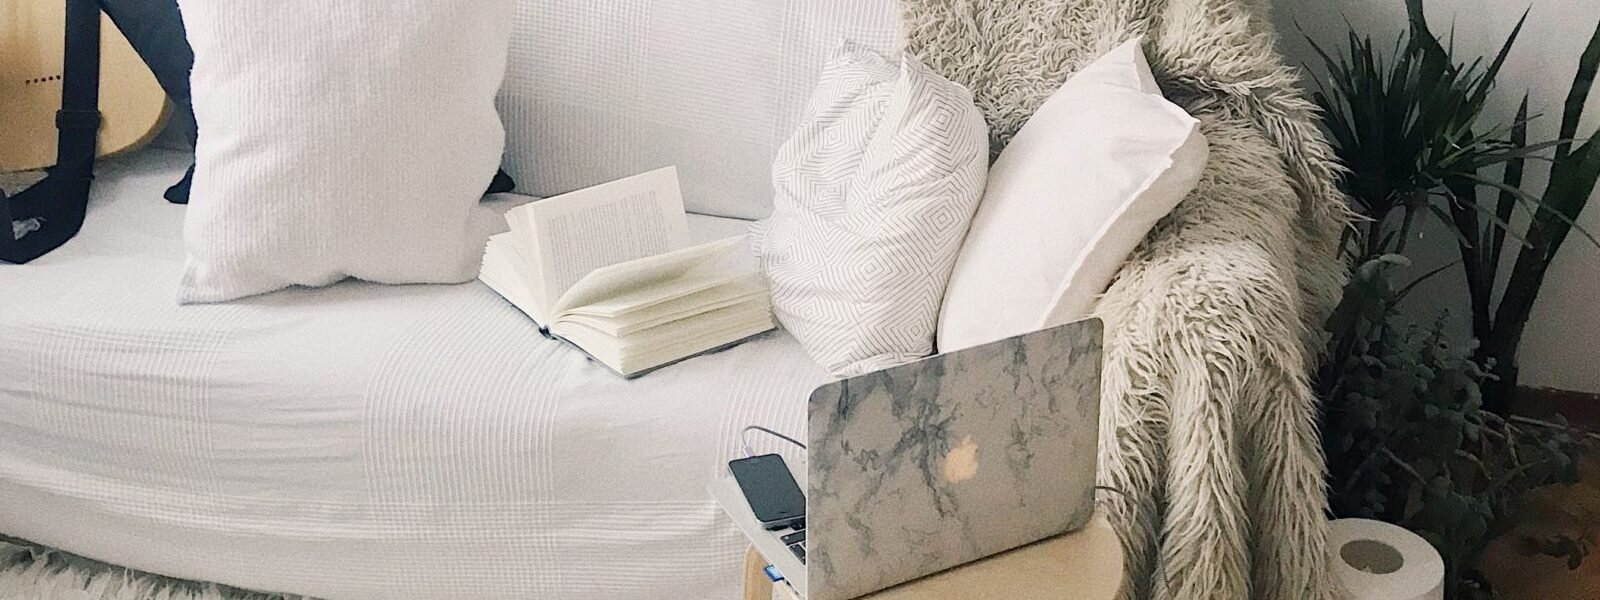 apartment-books-chair-698170-e1546536545401-1600x600.jpg